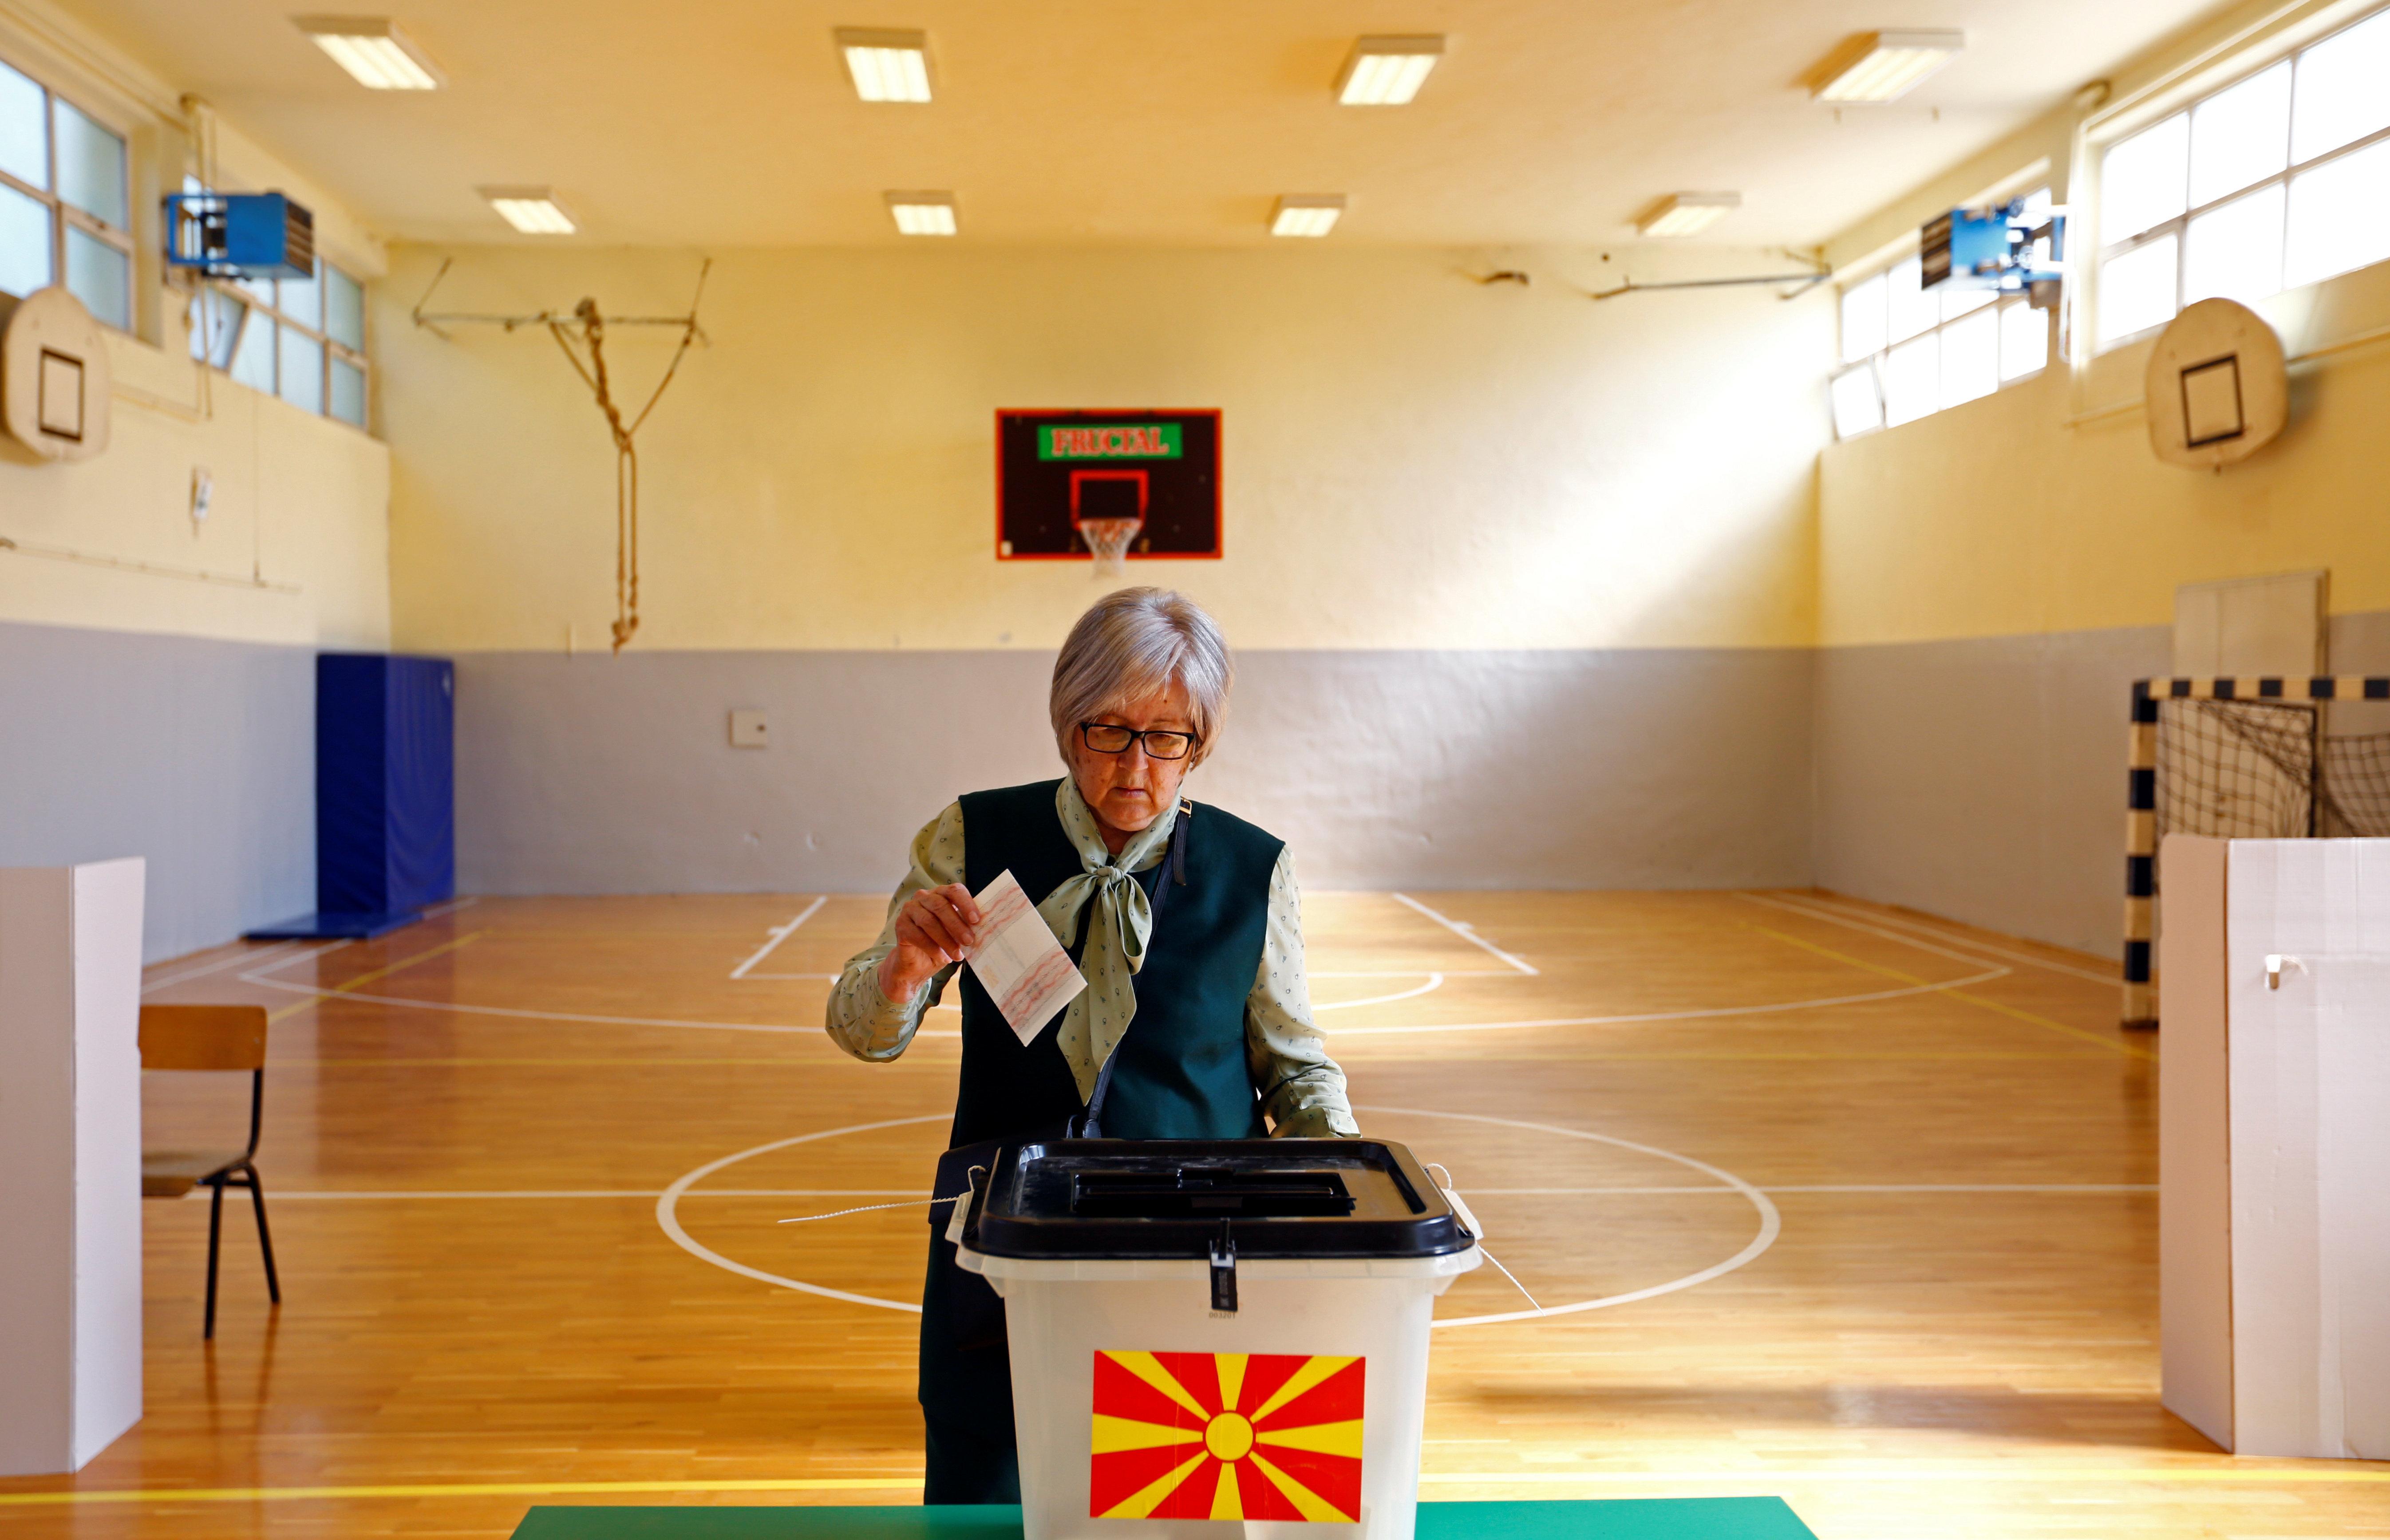 Νίκησε η αποχή στις εκλογές στη Βόρεια